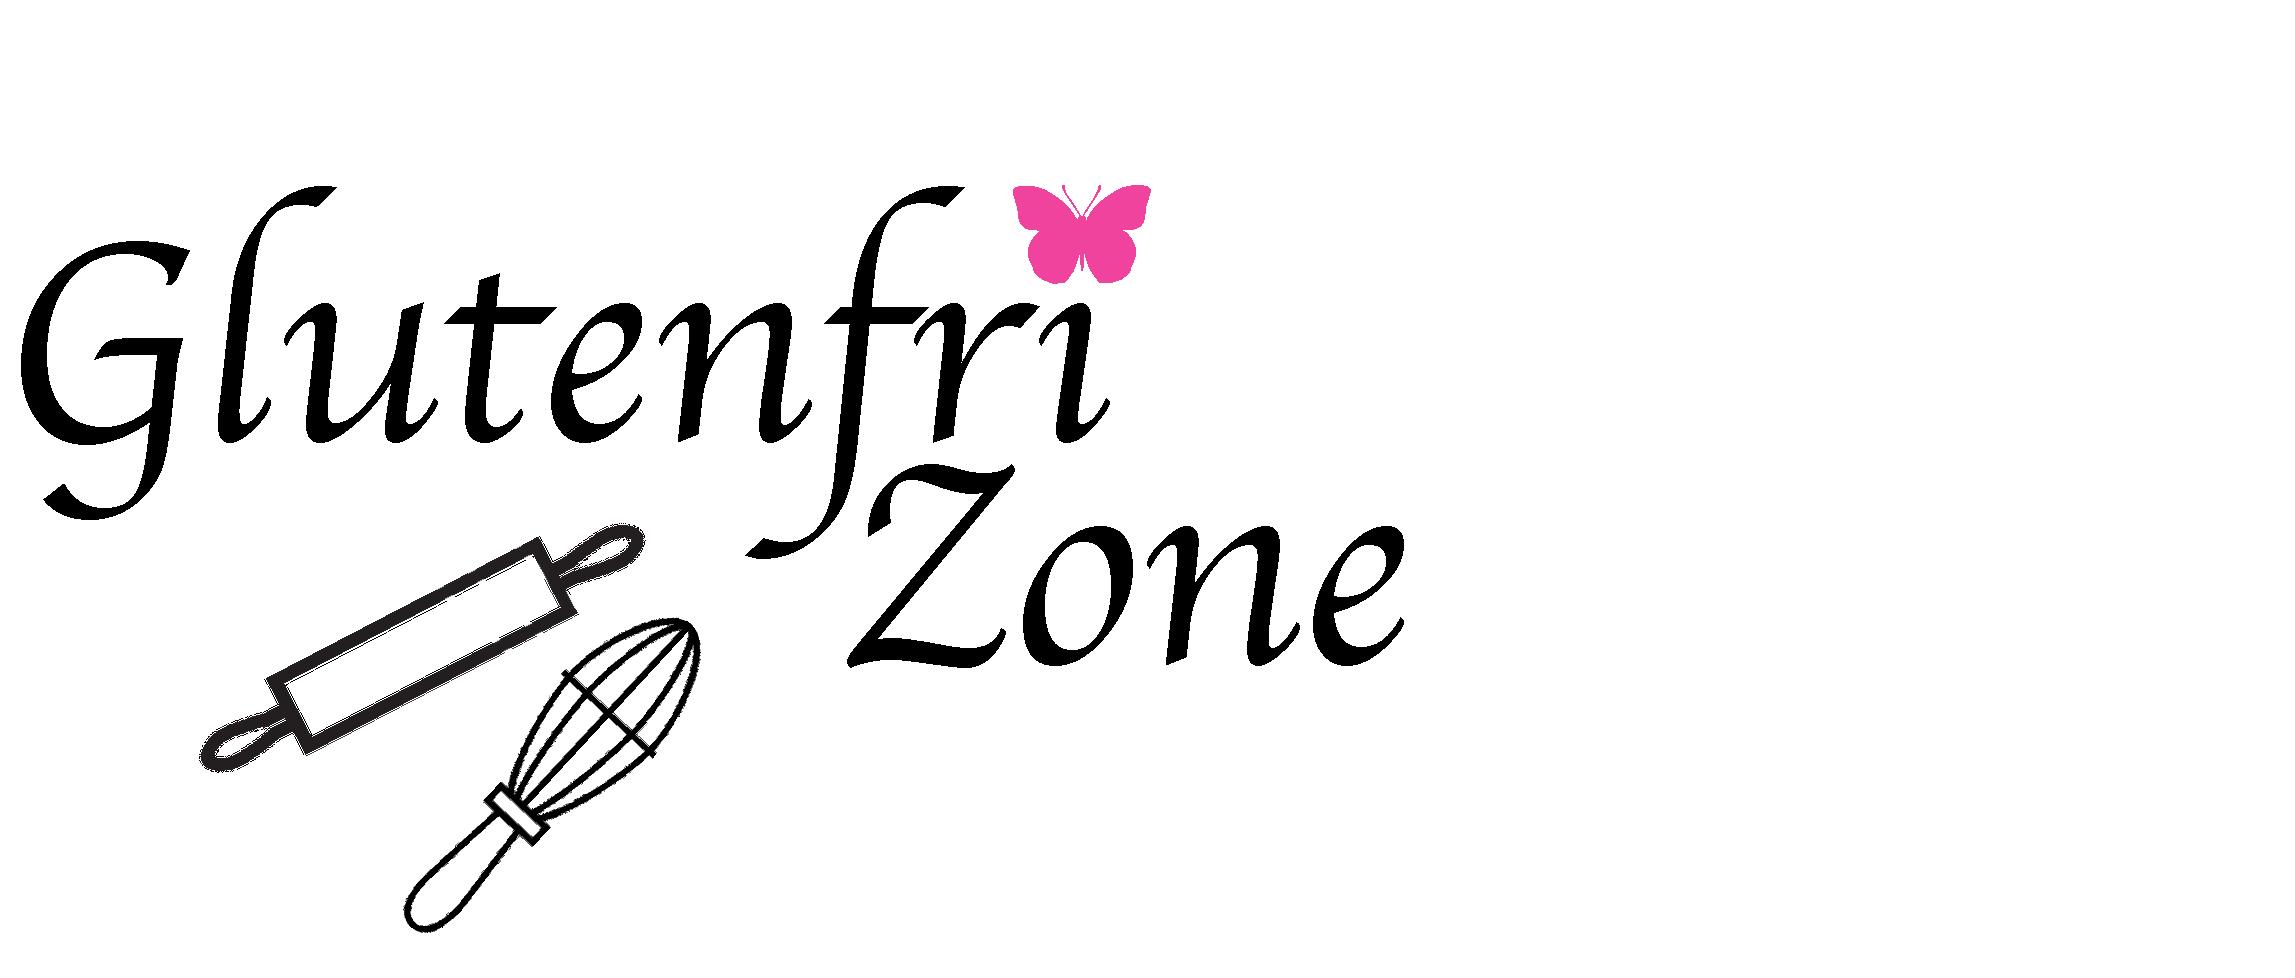 Opskrifter logo